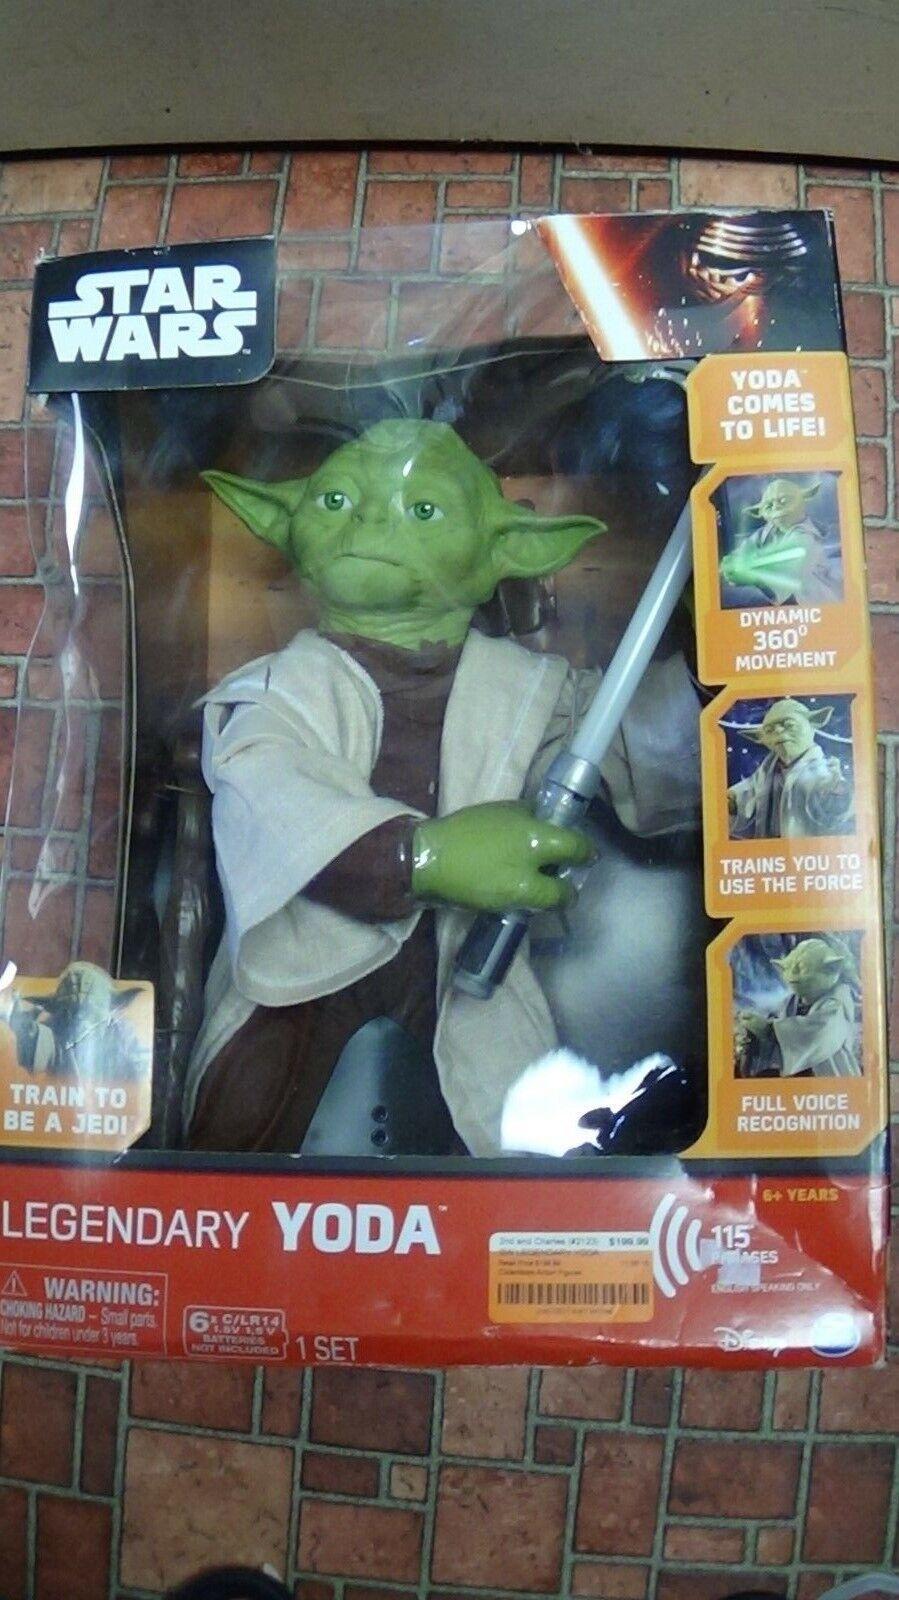 STAR WARS LEGENDARY YODA Figure Figure Figure Jedi Master Toy Collectors Box Edition 48c60e